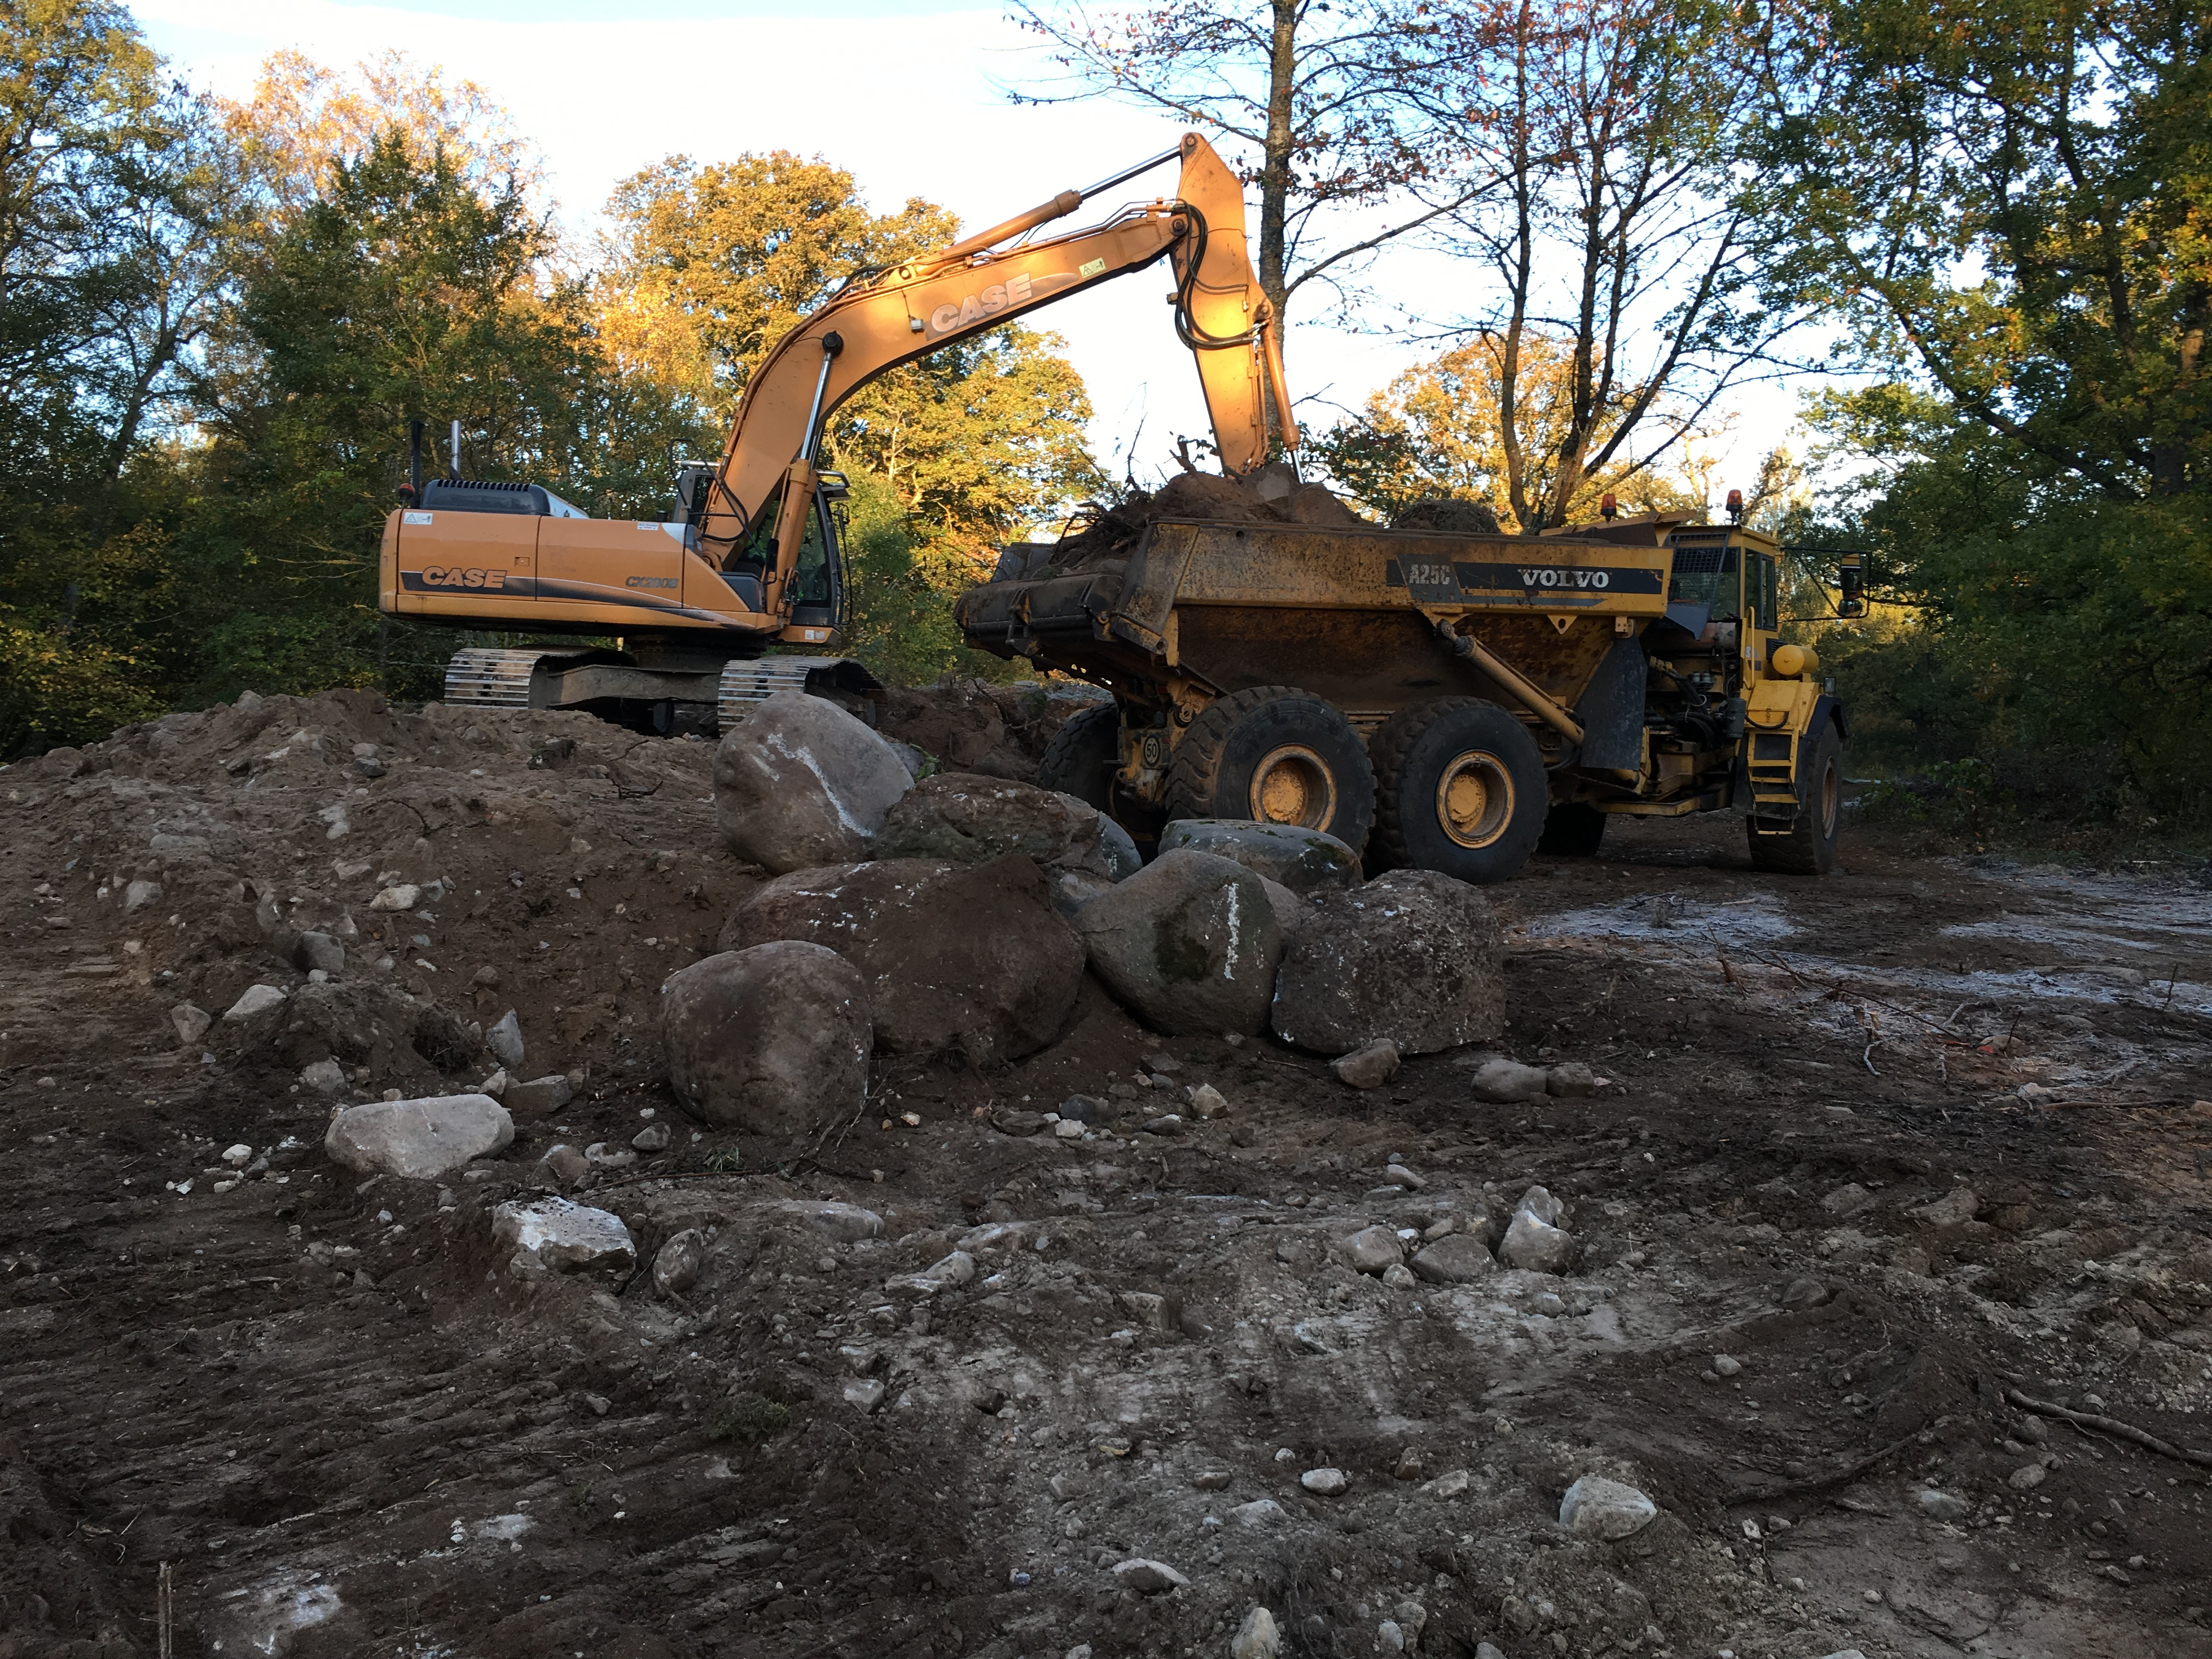 intensiv samverkan mellan grävmaskin och dumpers